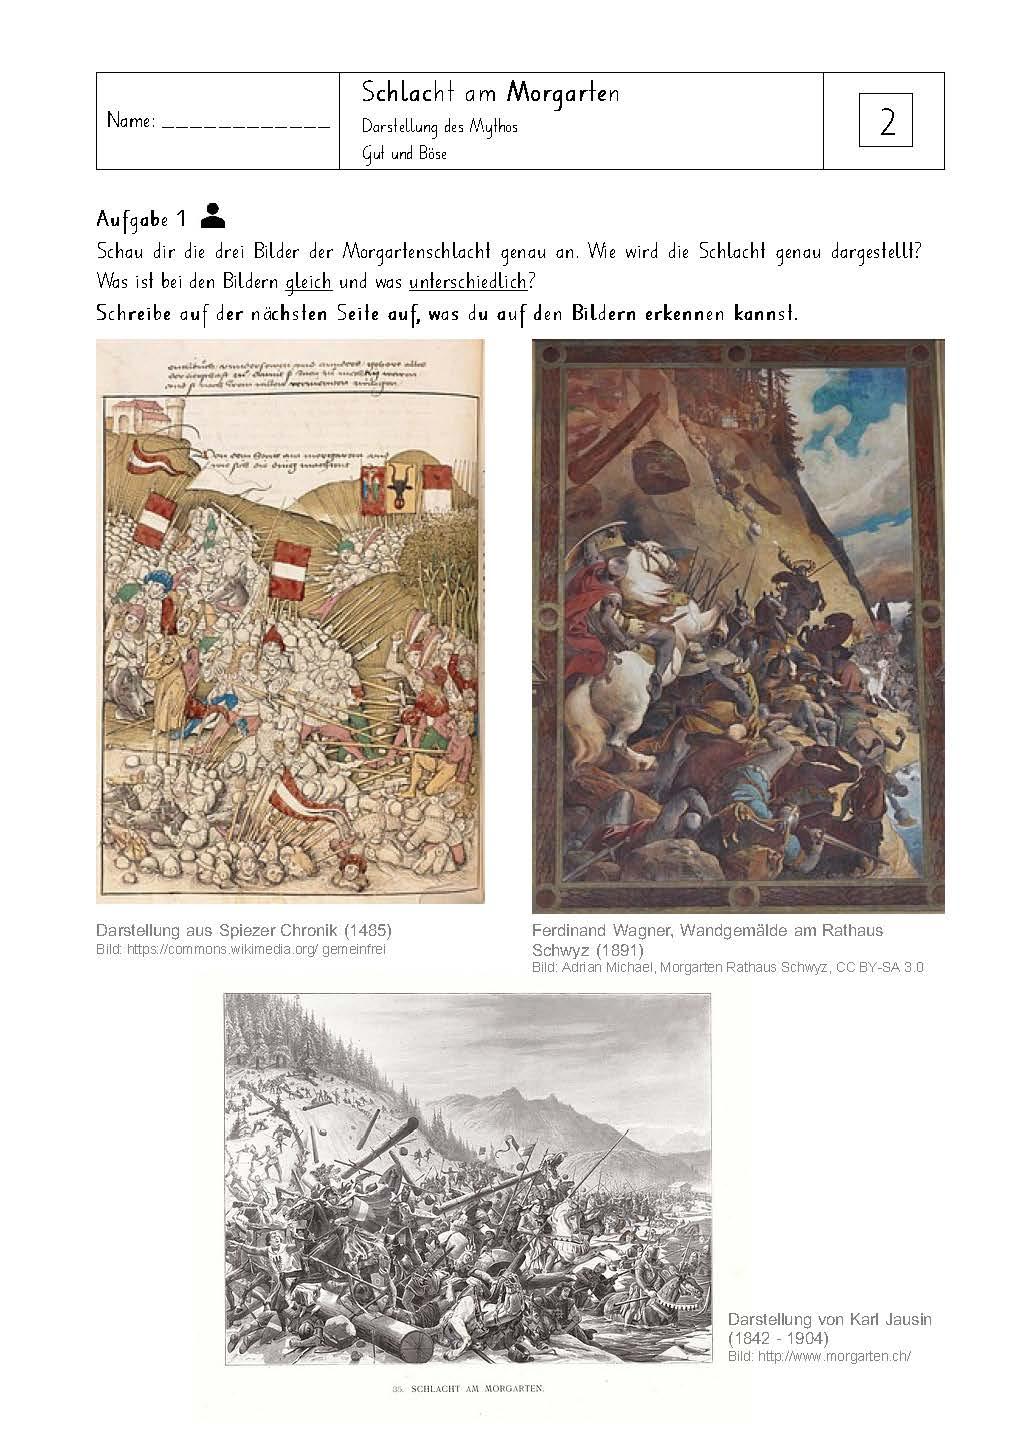 Preview image for LOM object Die Schlacht am Morgarten aus verschiedenen Blickwinkeln